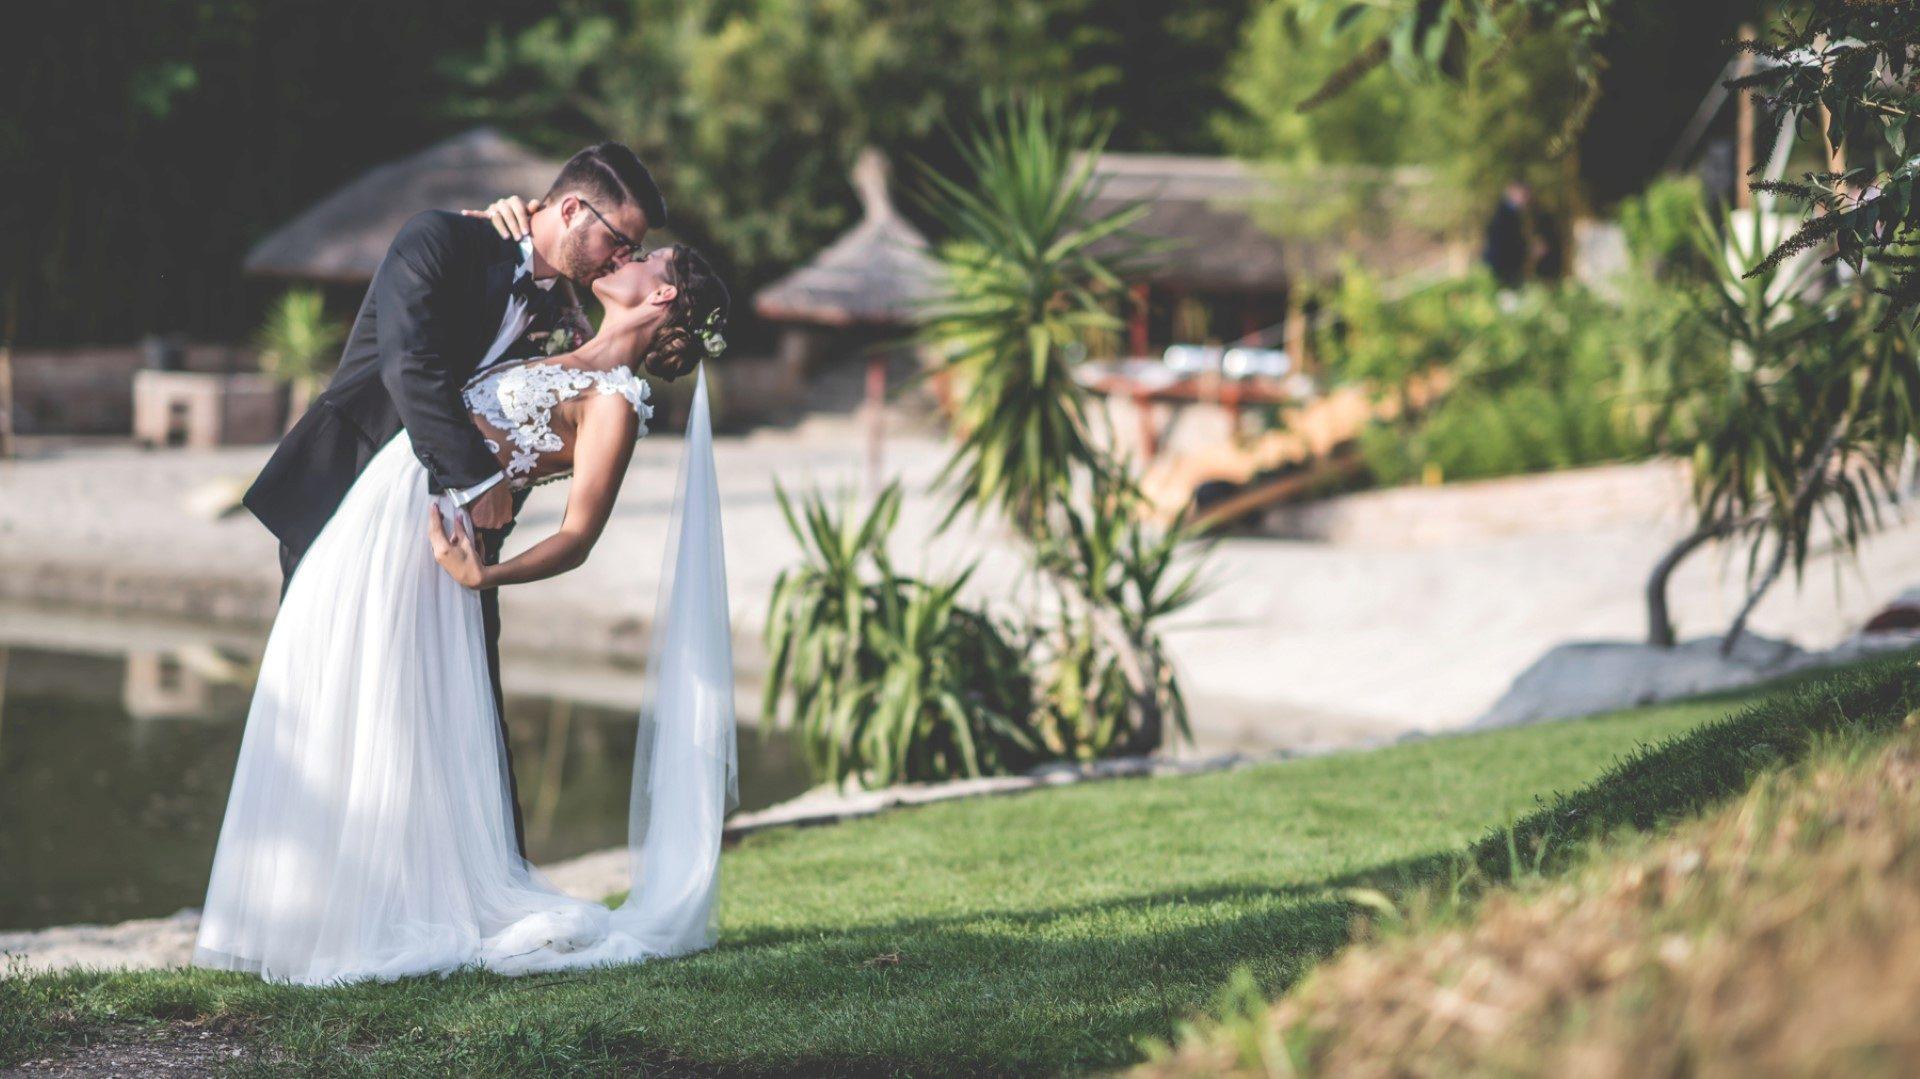 ,mátyusháza,valódi esküvő,play luna, esküvői helyszín,esküvő,helyszín,rendezvényhelyszín,marangona torta,daalarna ruha,esküvői ruha,menyasszonyi ruha,catering,dekoráció,